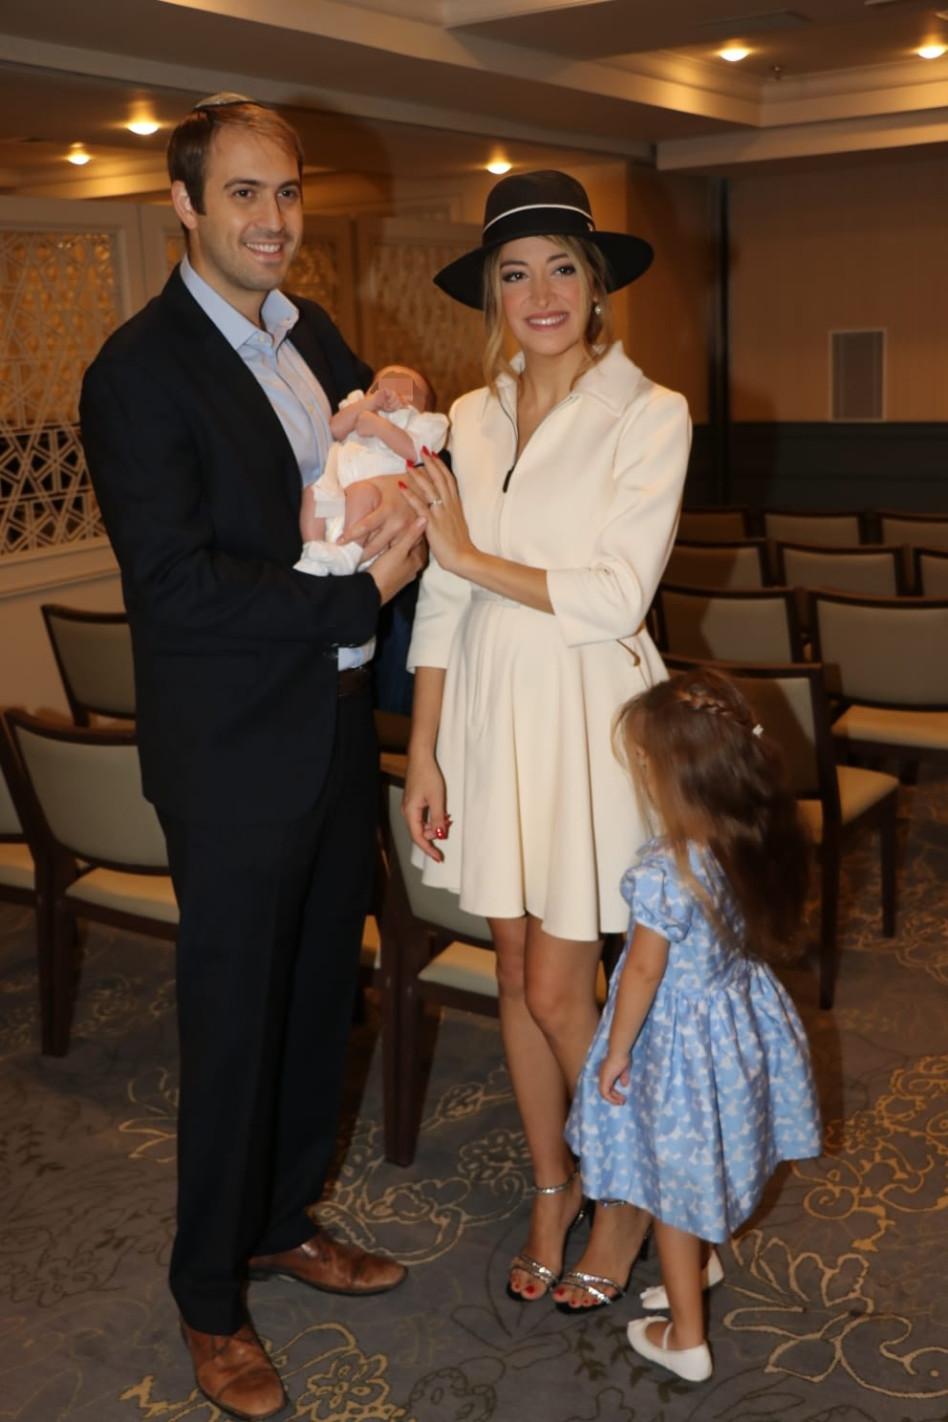 מירי מיכאלי בבריתו של בניה (צילום: ניר פקין)